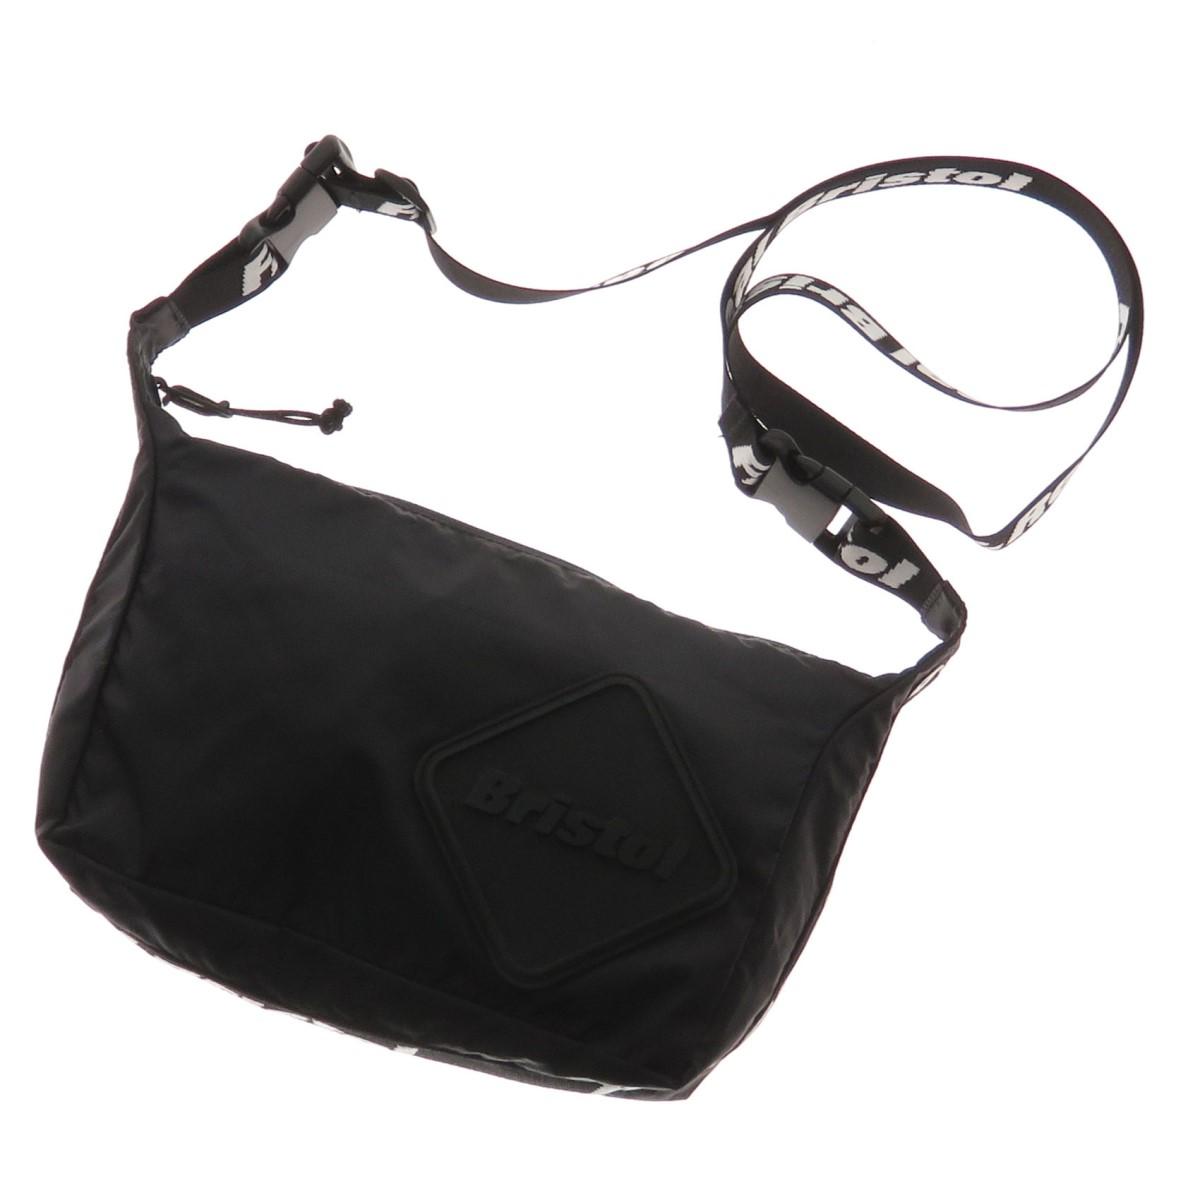 【中古】F.C.R.B. EMBLEM 2 WAY SMALL SHOULDER BAG ショルダーバッグ ブラック 【220420】(エフシーアールビー)